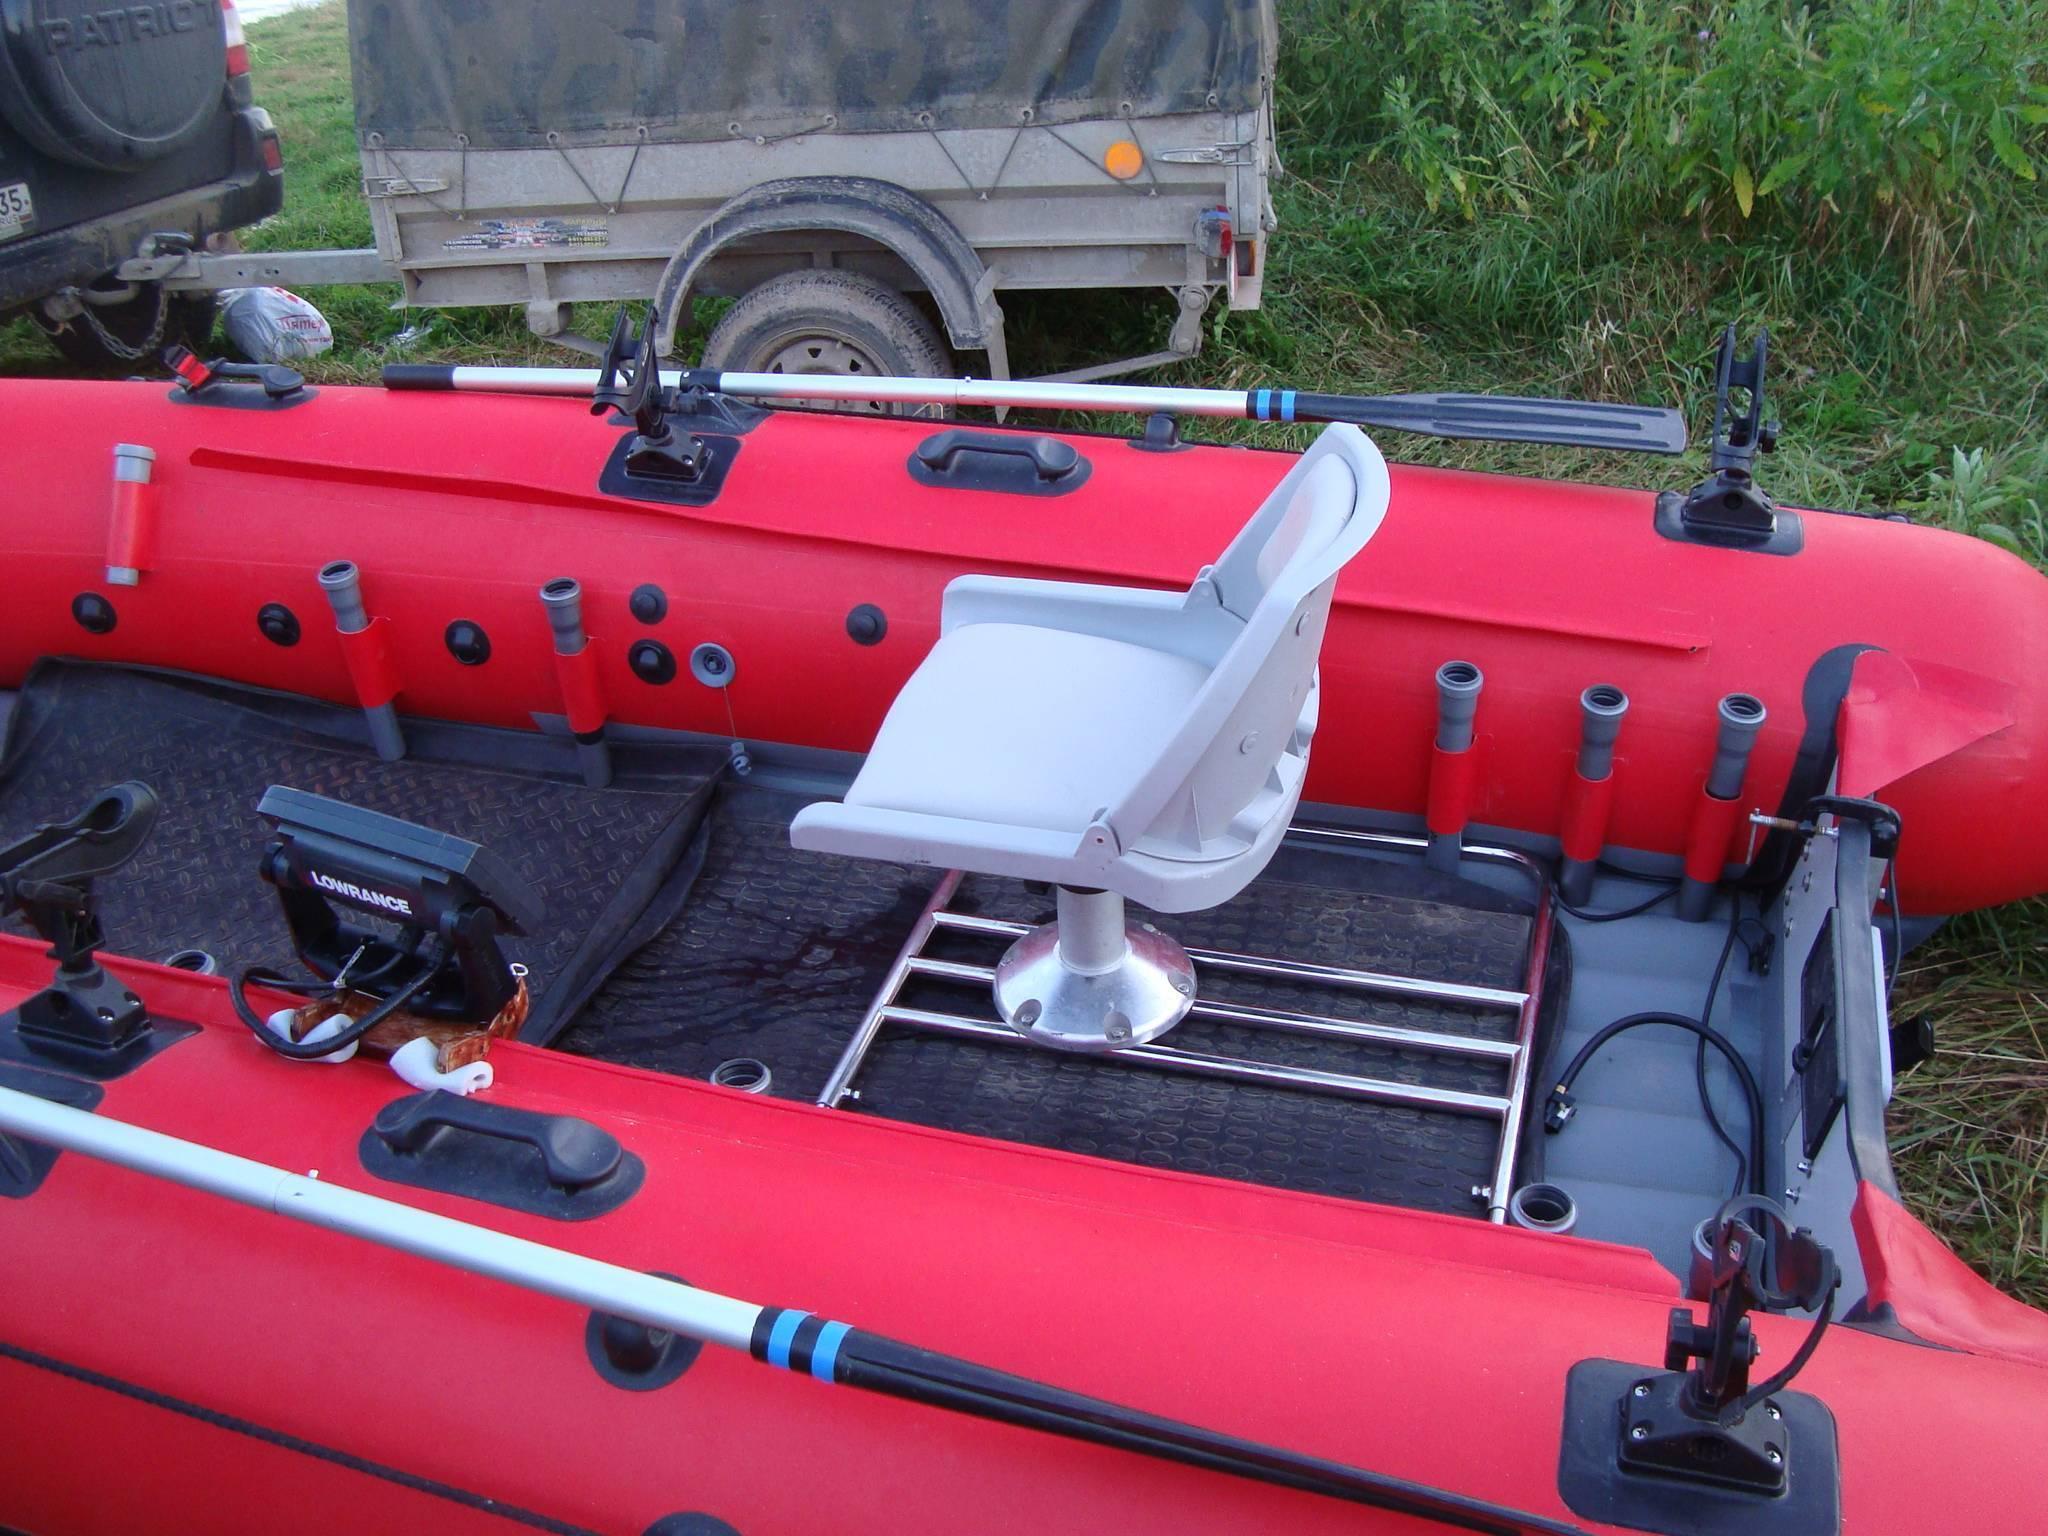 Тюнинг лодки пвх для рыбалки своими руками - варианты и советы